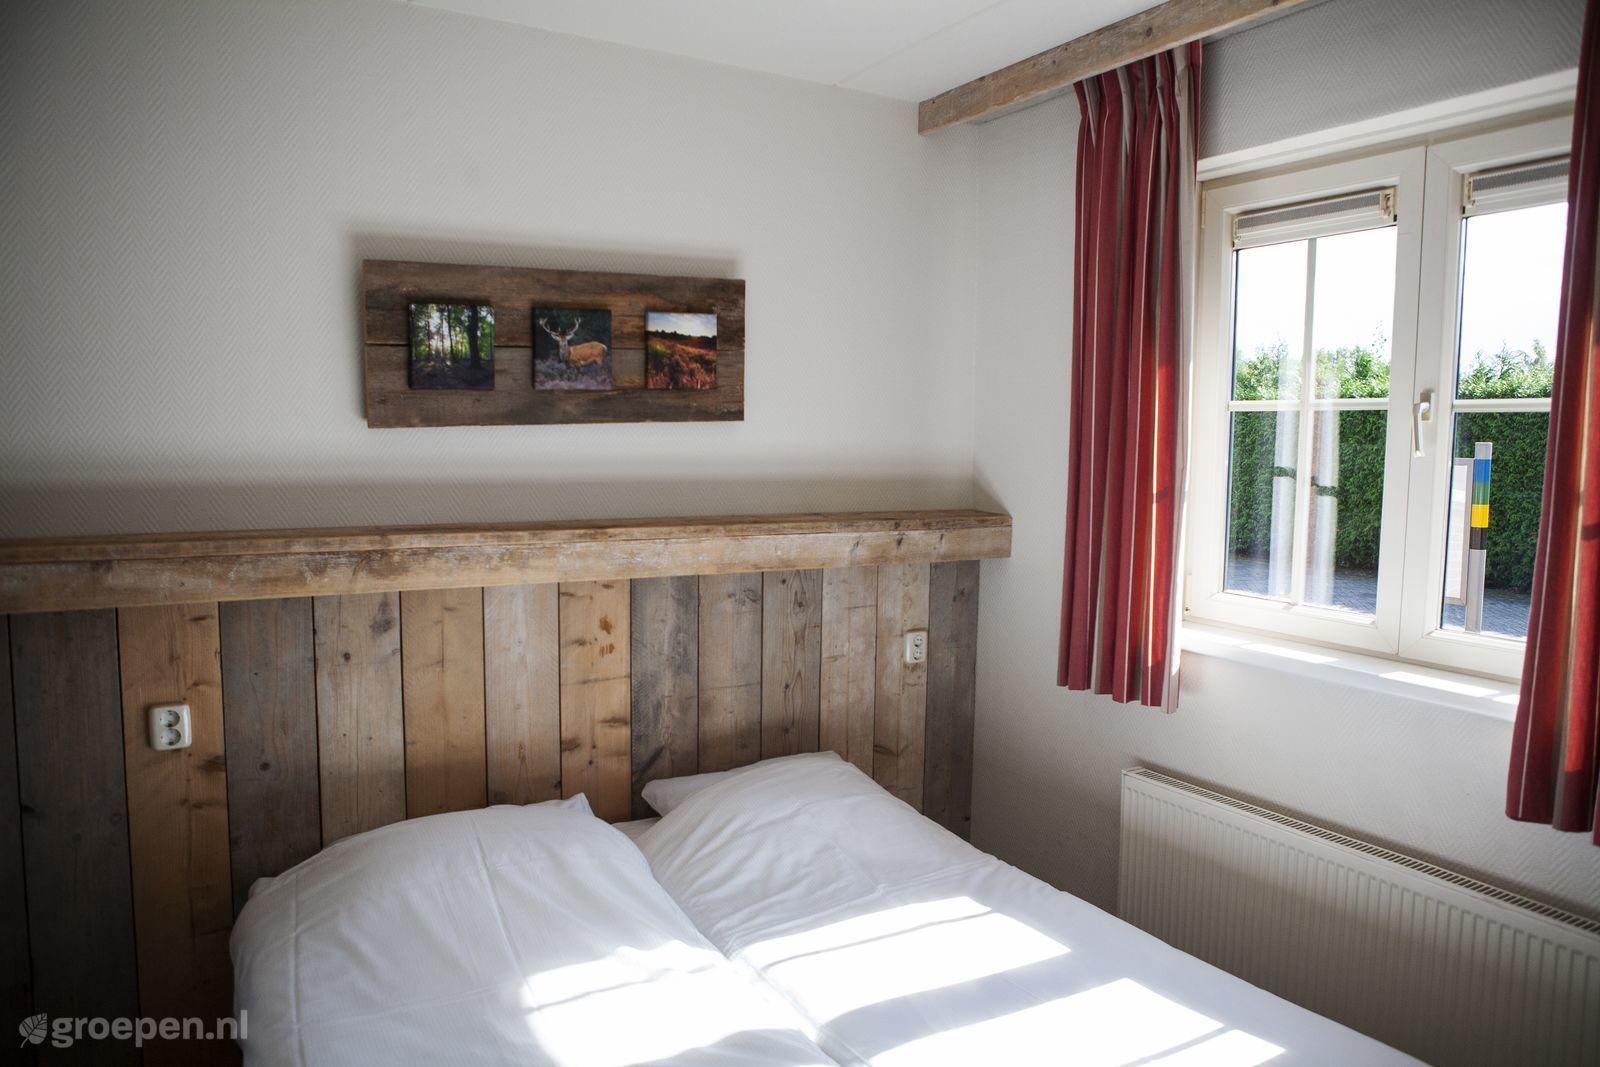 Vakantiehuis Voorthuizen - Nederland - Gelderland - 16 personen - slaapkamer